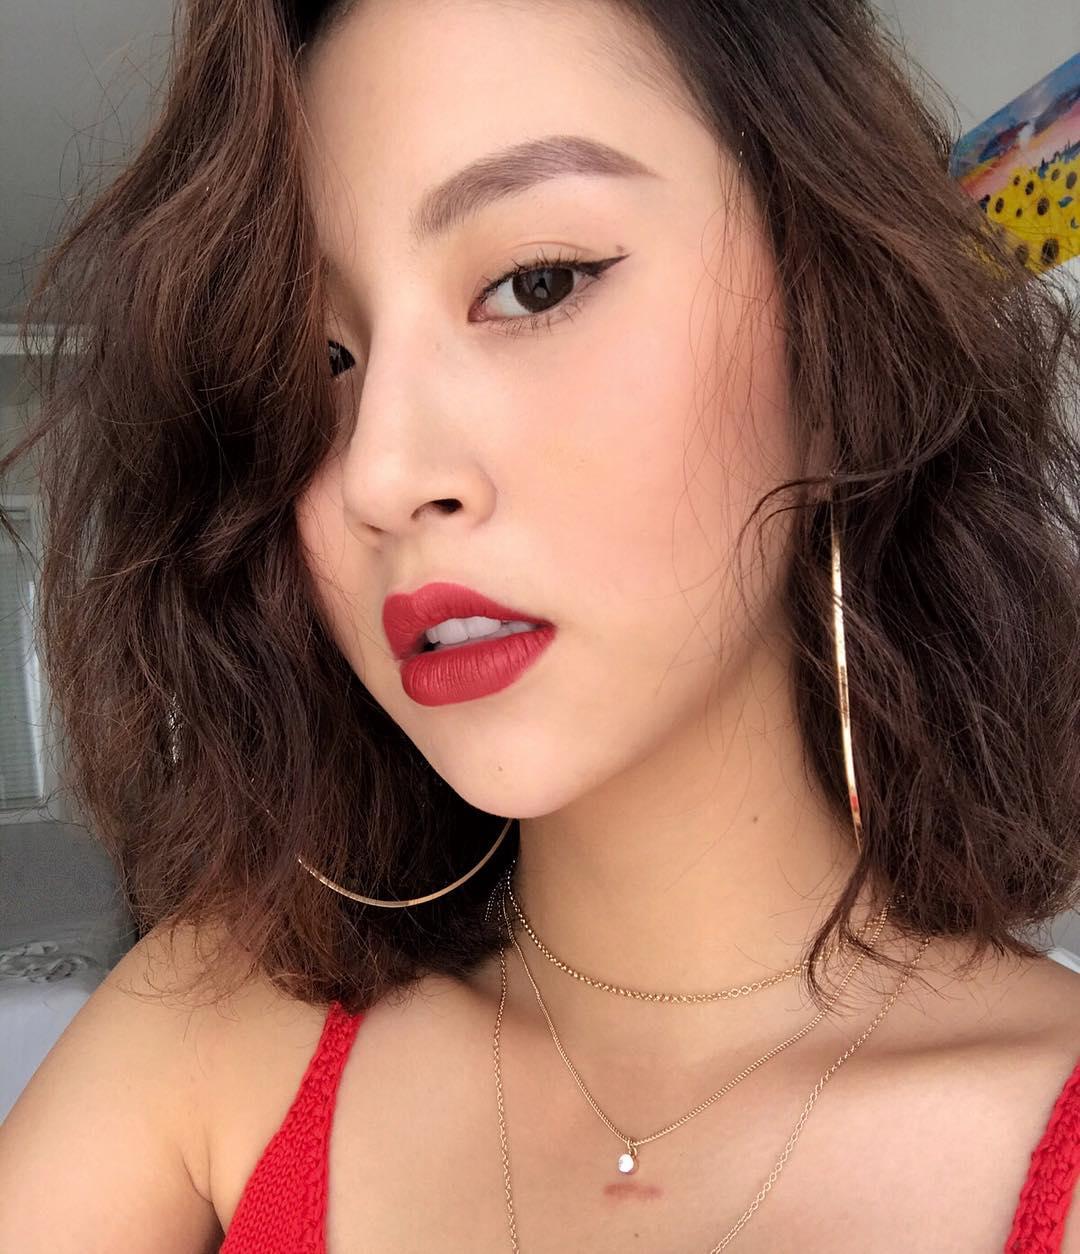 Nhỏ xinh nhưng lợi hại, đây là món phụ kiện nâng tầm phong cách đang được các hot girl Việt diện cực nhiều - Ảnh 4.